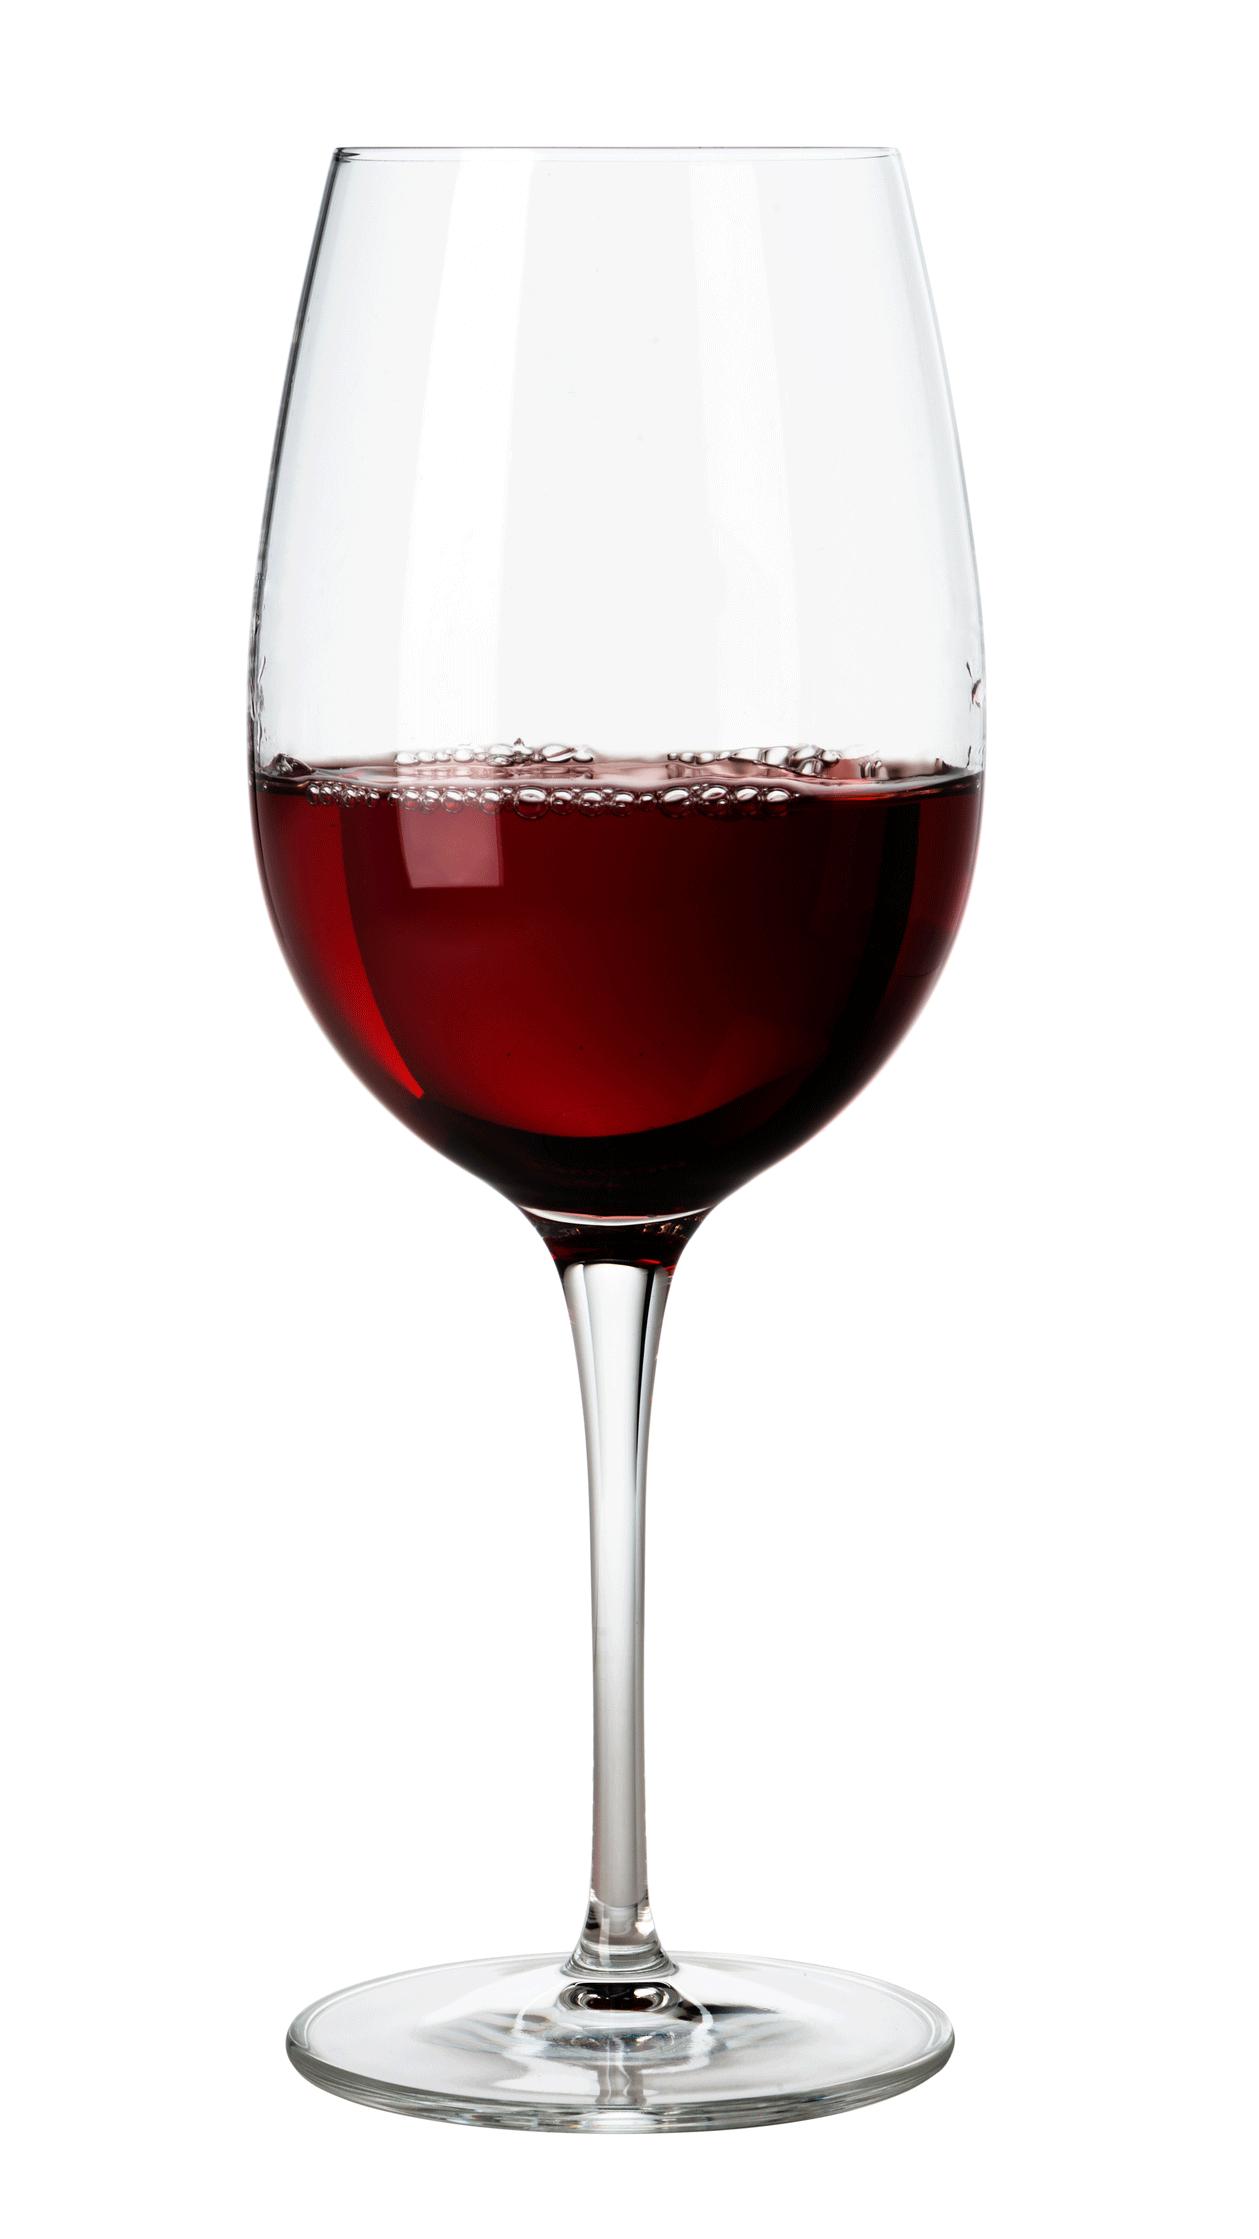 WSET wine exam